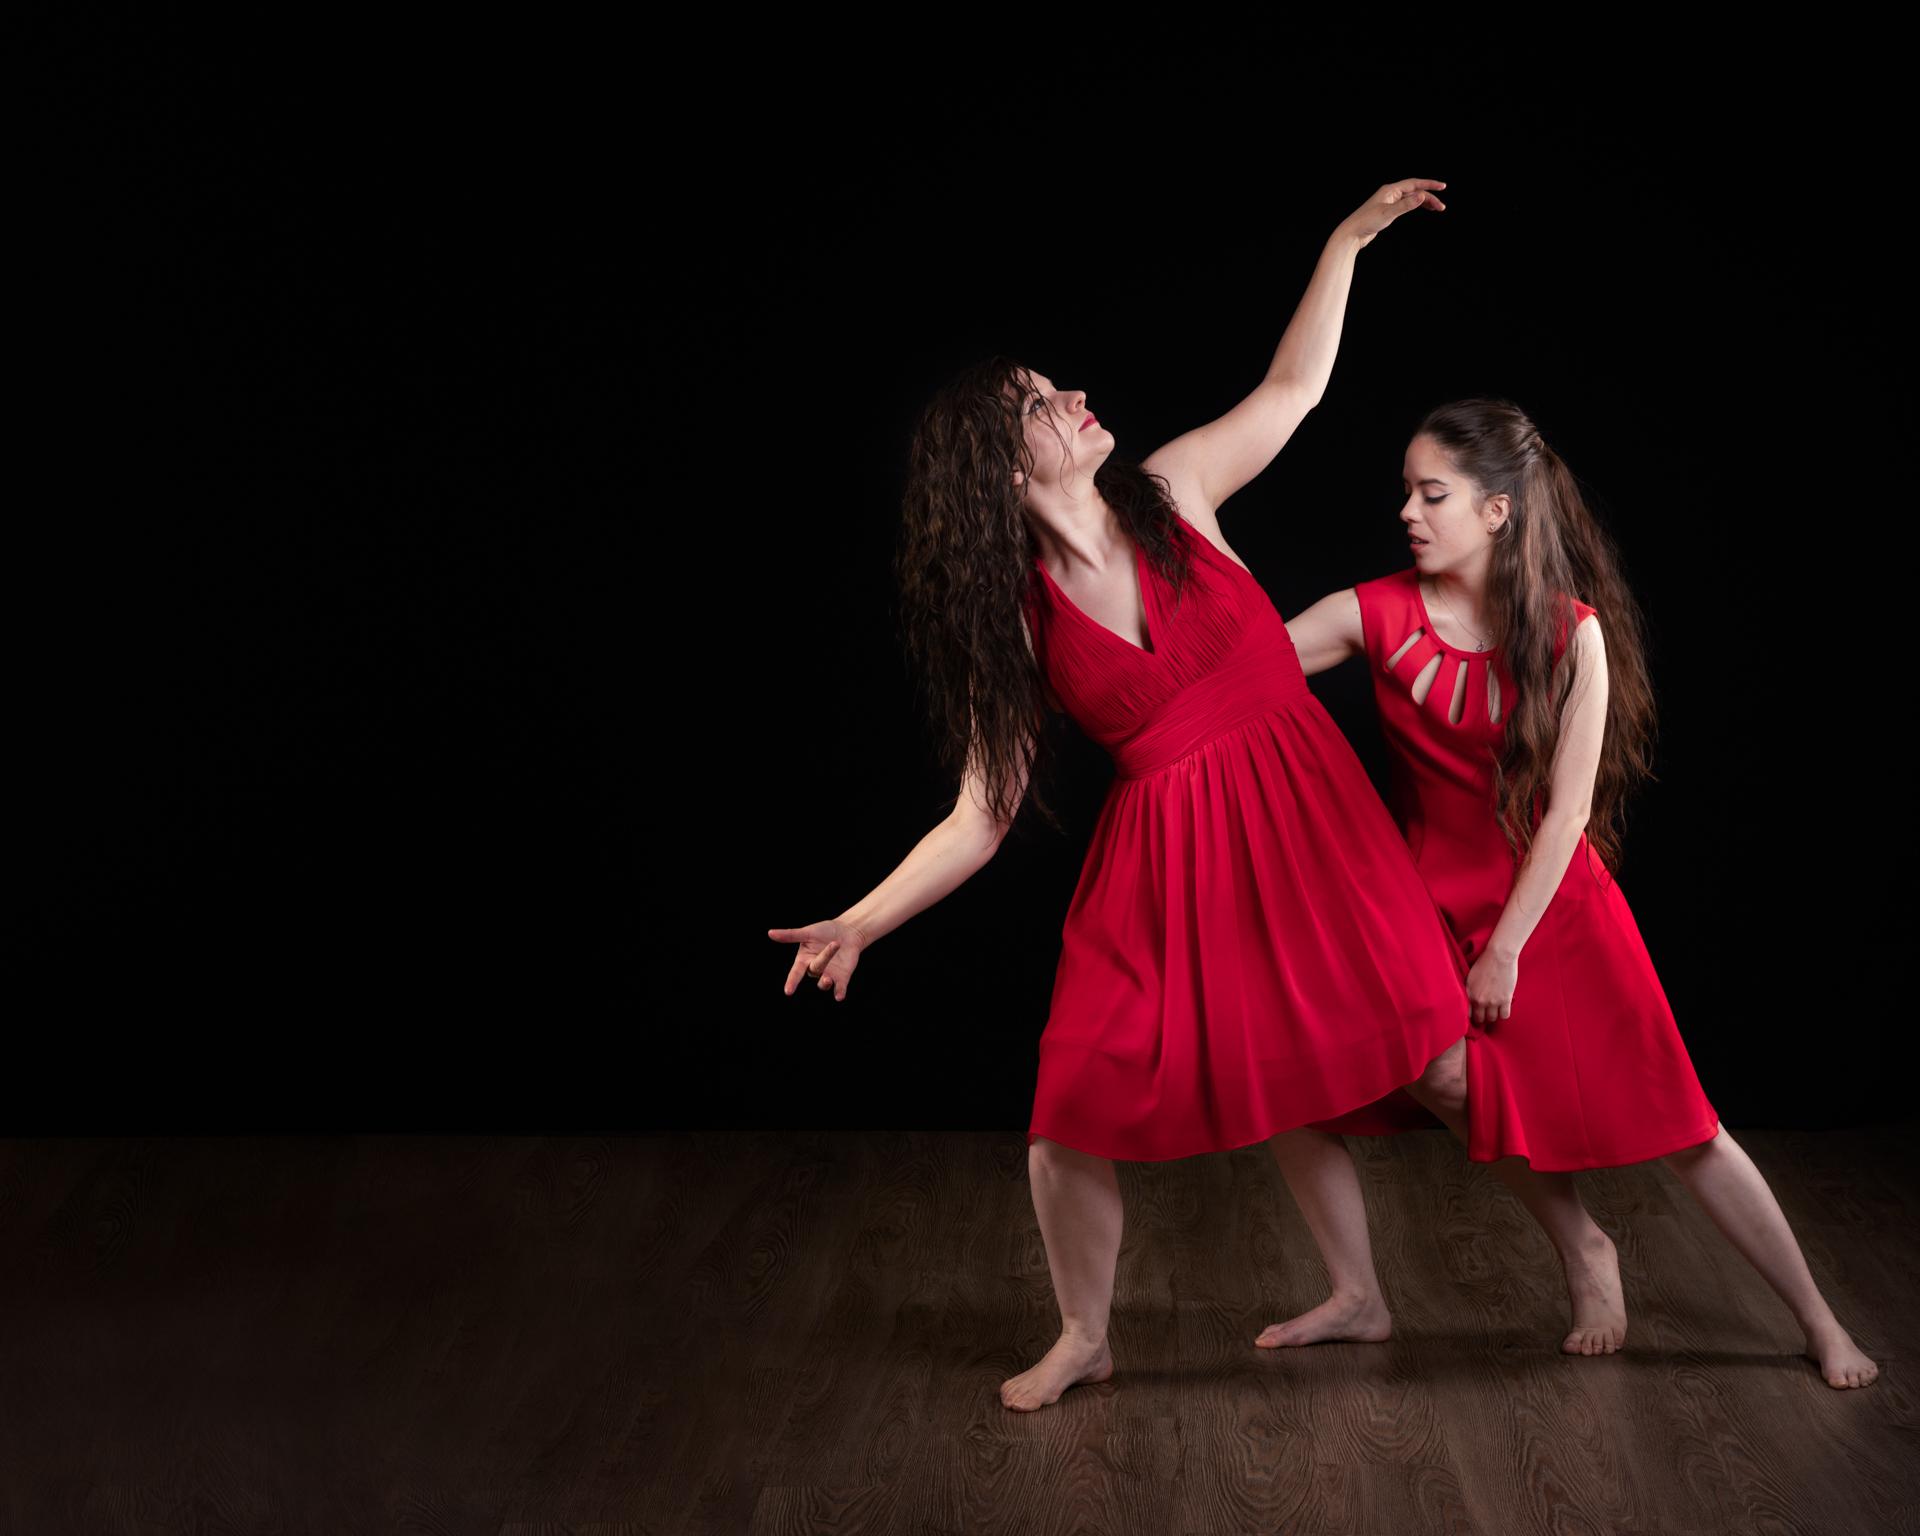 CFrenette-Jessie-Julie-duo-2